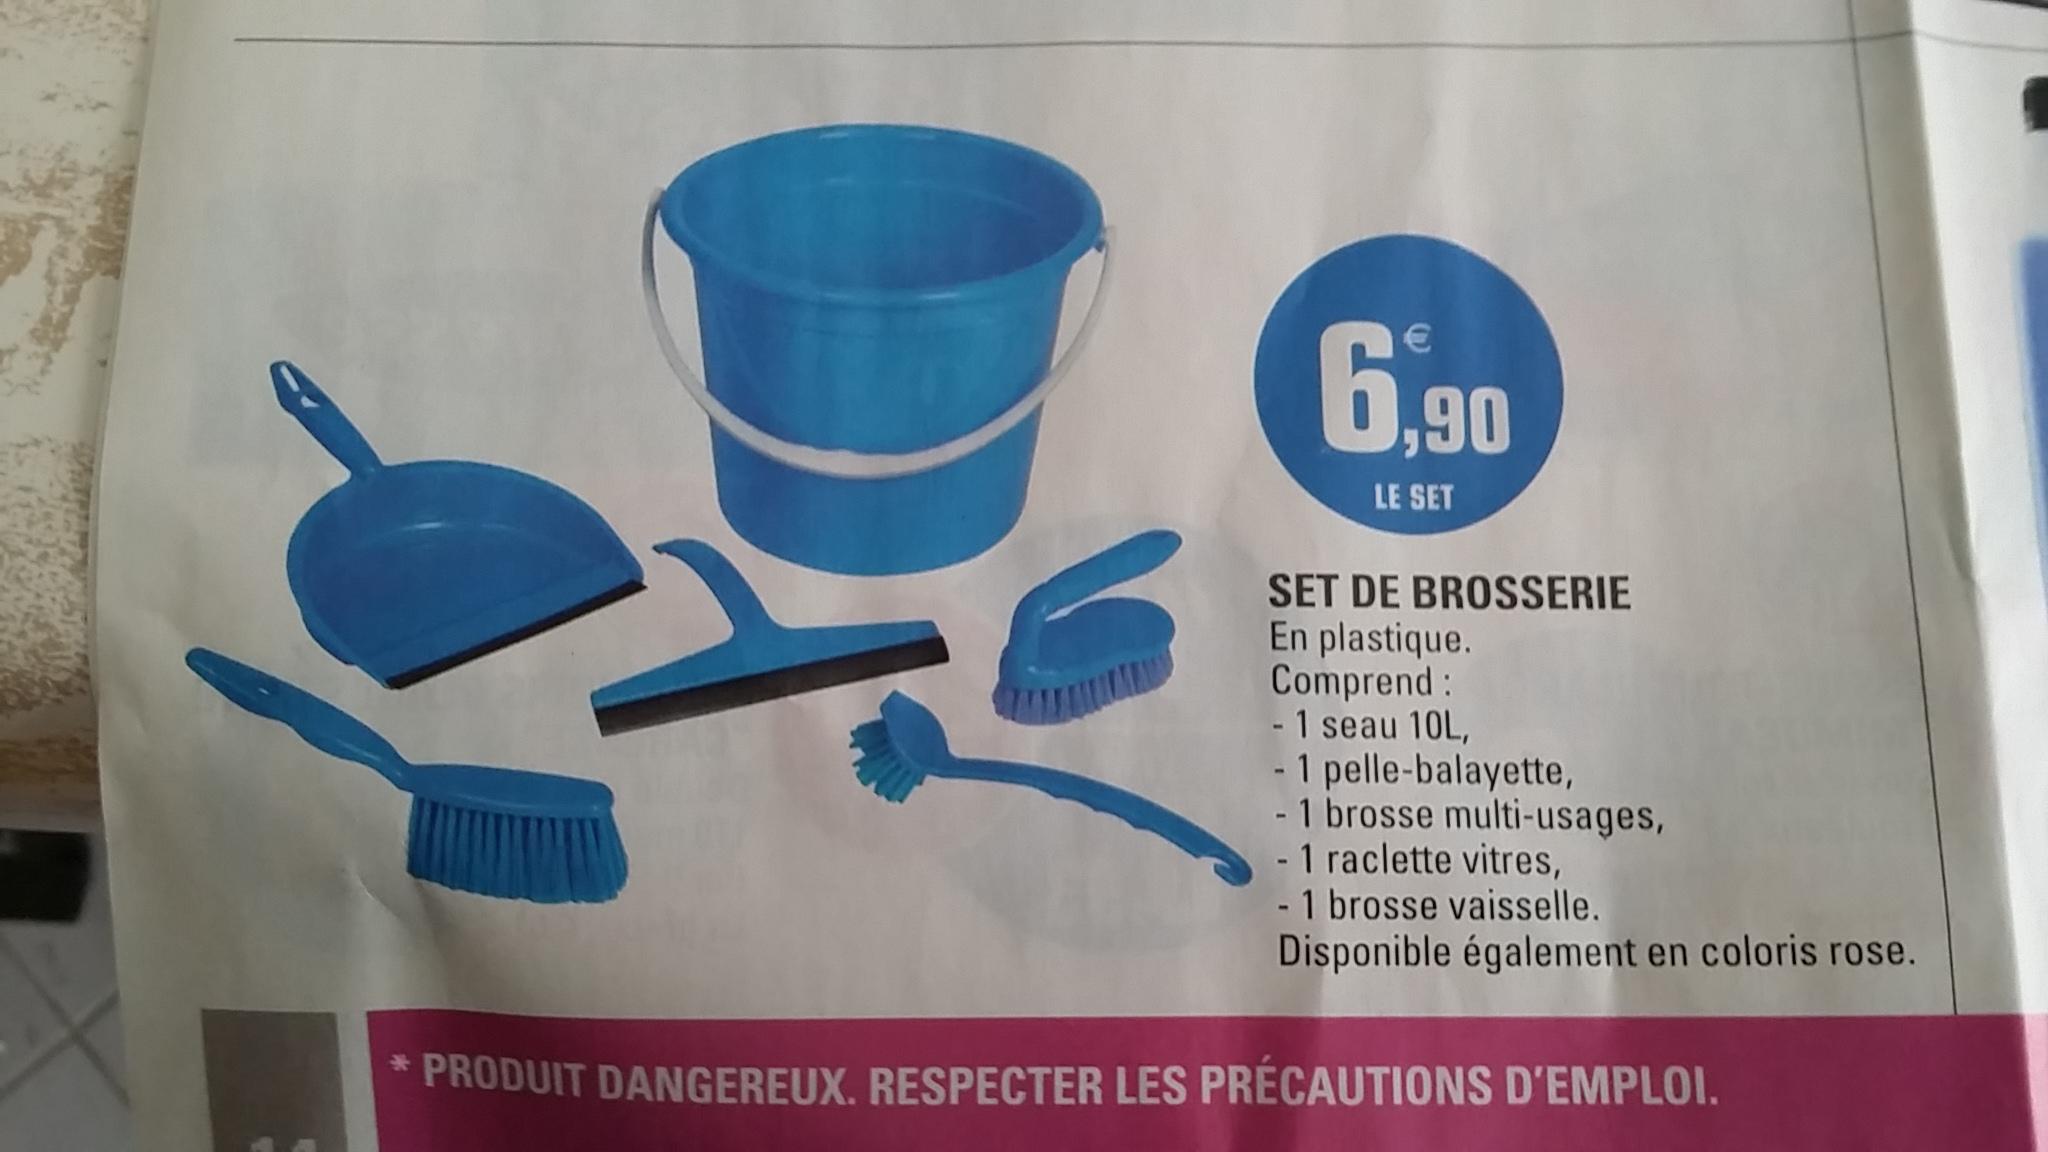 Set de ménage (Seau + pelle et balayette + brosse multi-usage + raclette + brosse vaisselle)